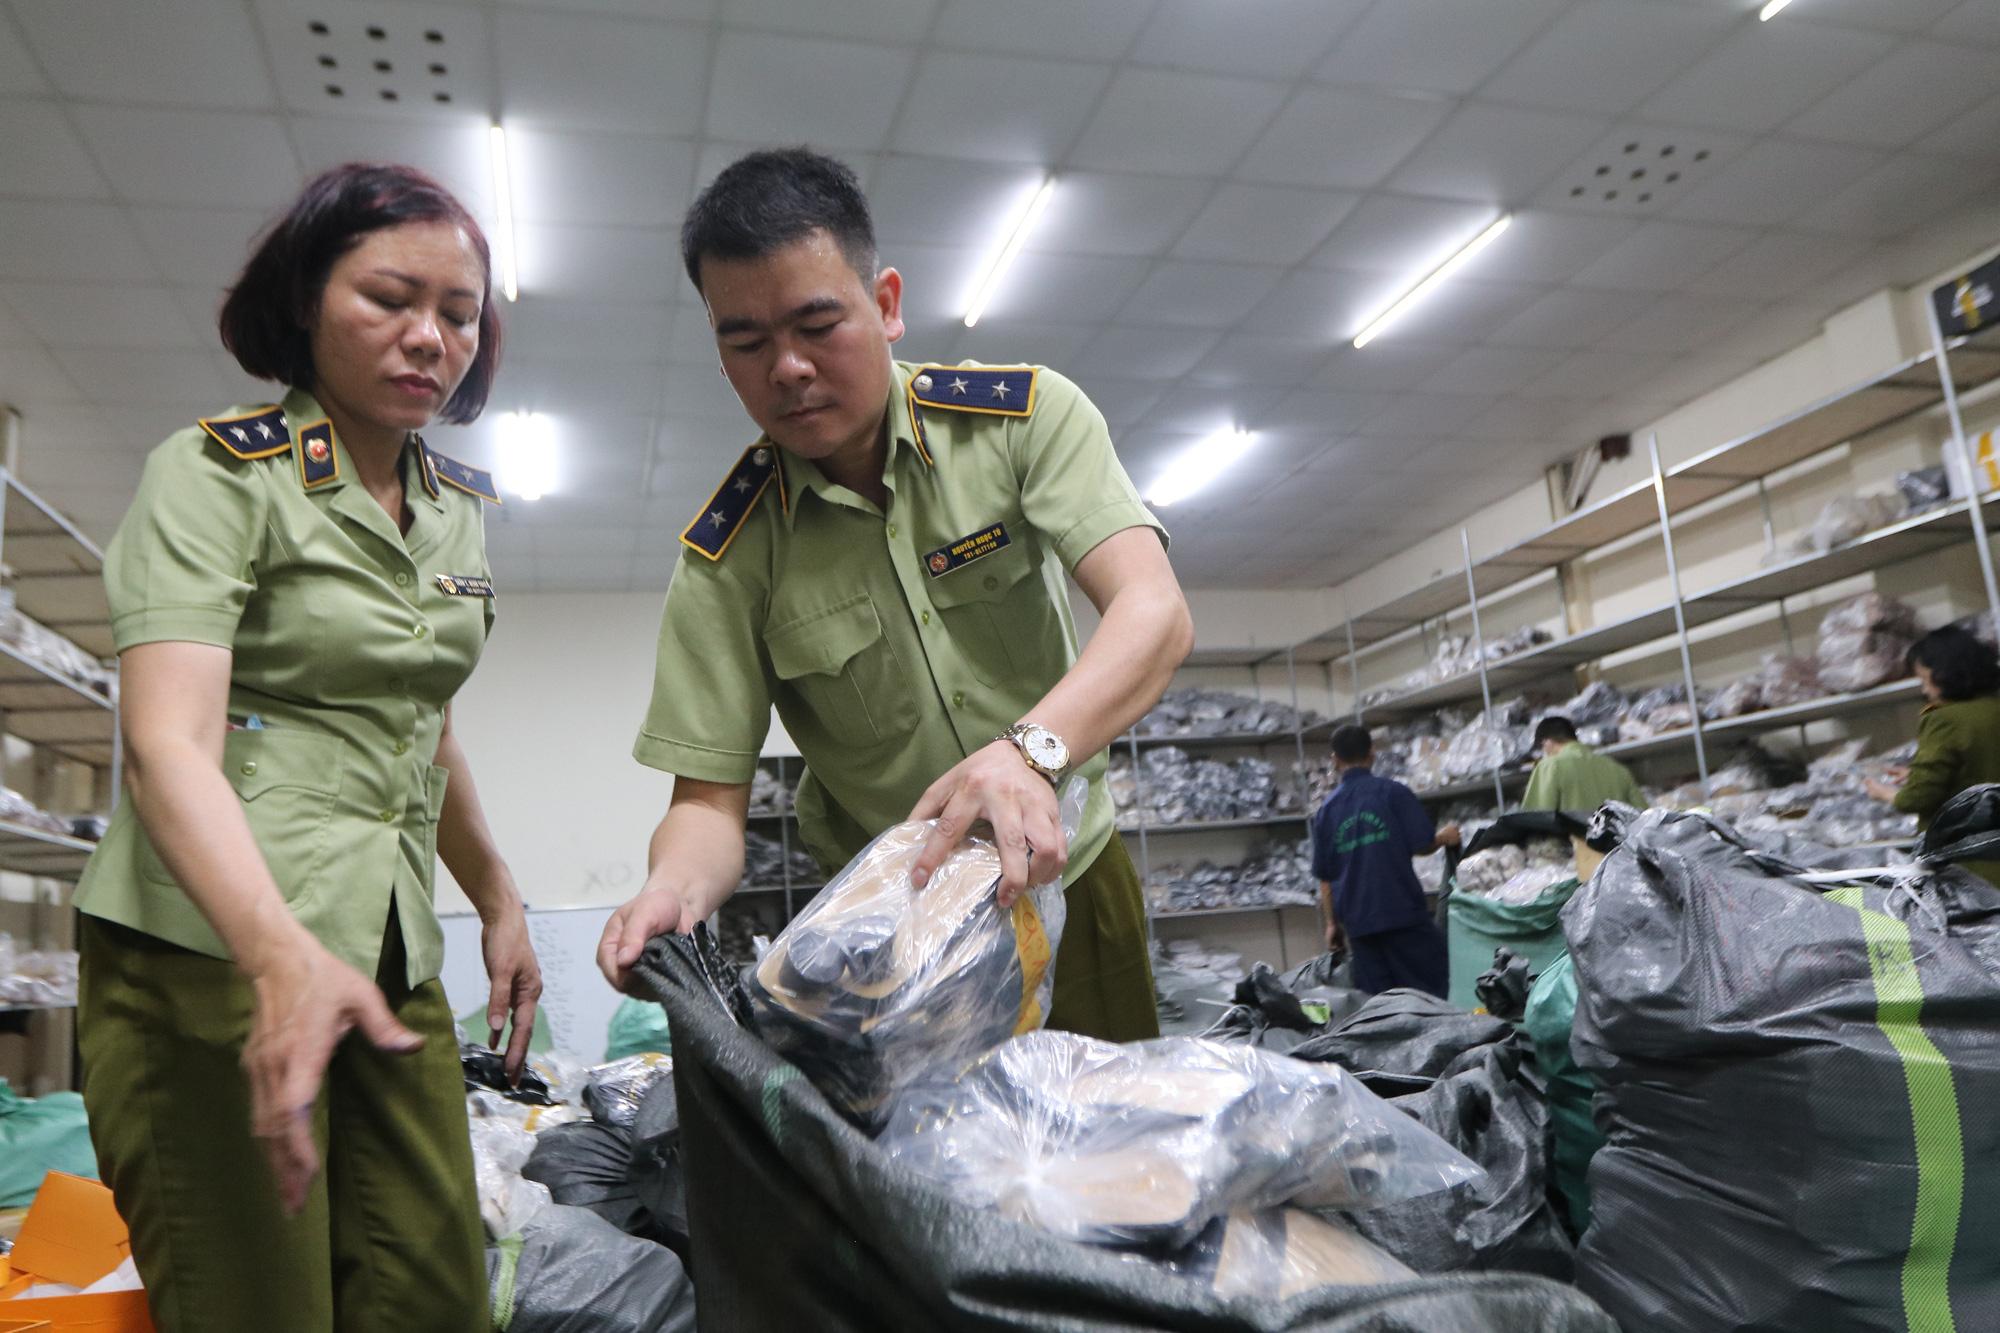 Hà Nội: Triệt phá kho giày dép hơn 3.000 đôi giả mạo các nhãn hiệu nổi tiếng thế giới - Ảnh 3.